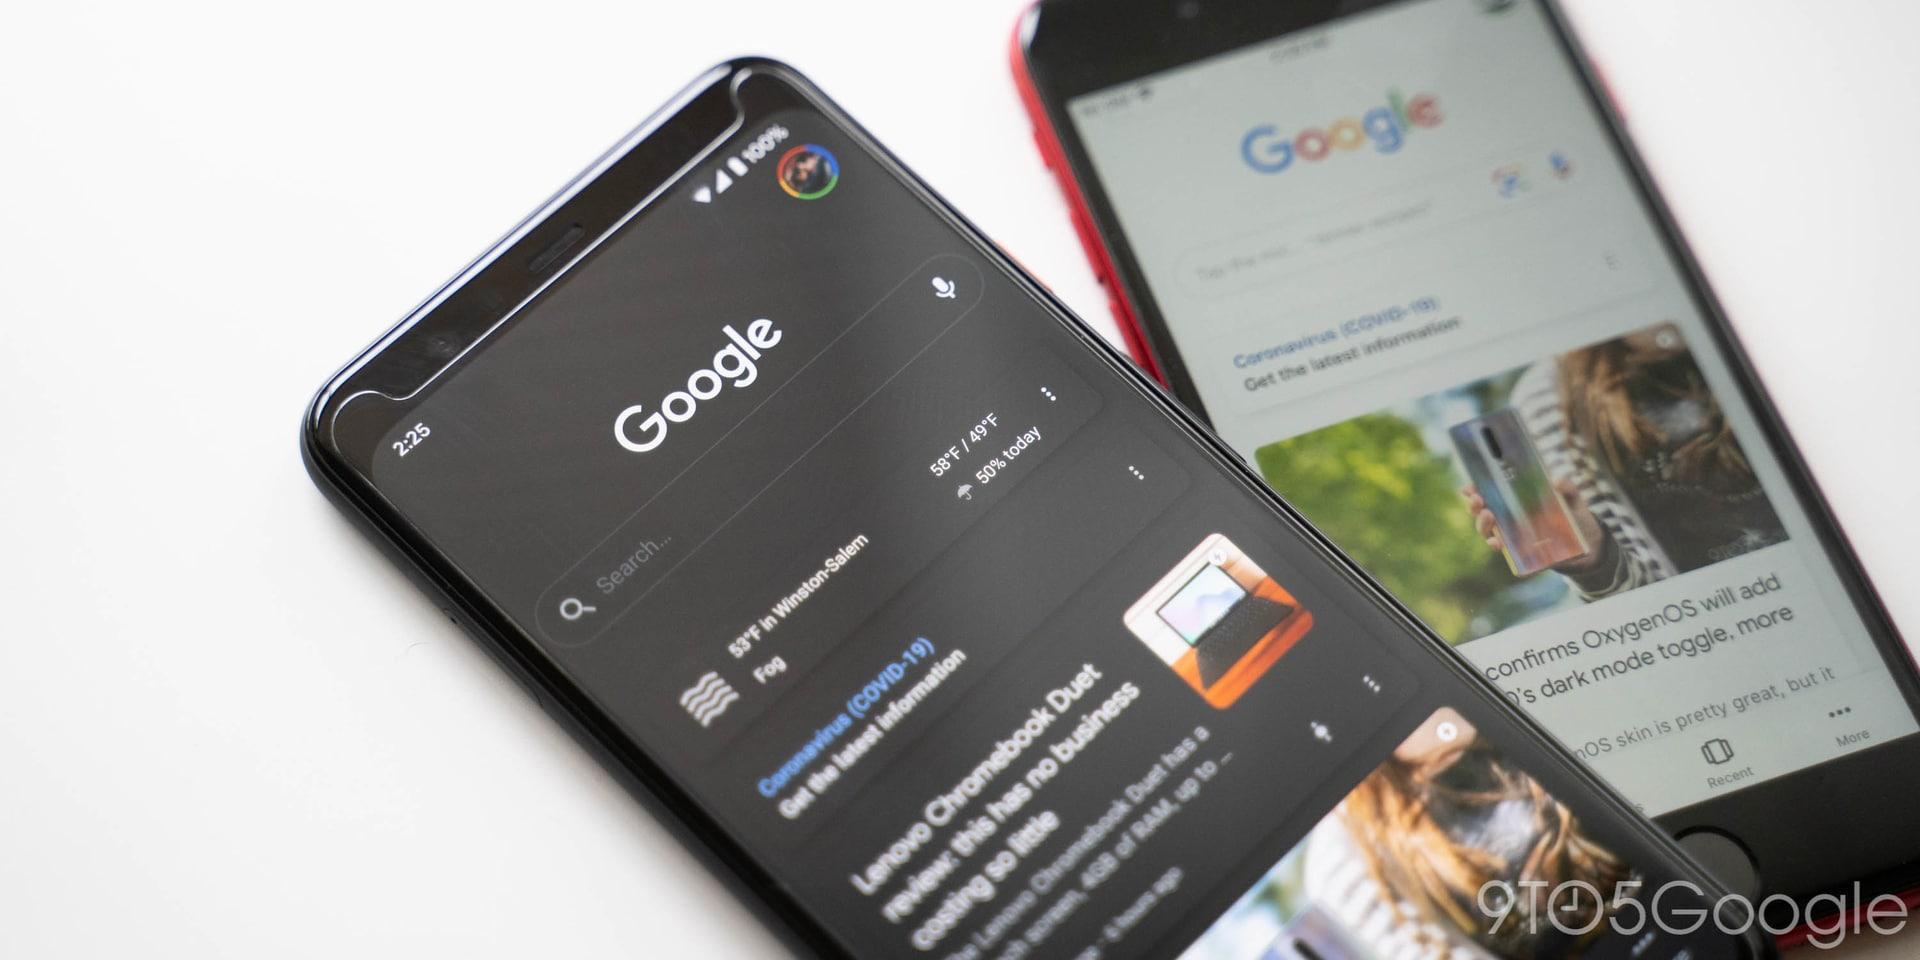 """Apple: """"Đưa iMessage lên Android sẽ gây nguy hại cho chúng tôi nhiều hơn lợi ích"""""""